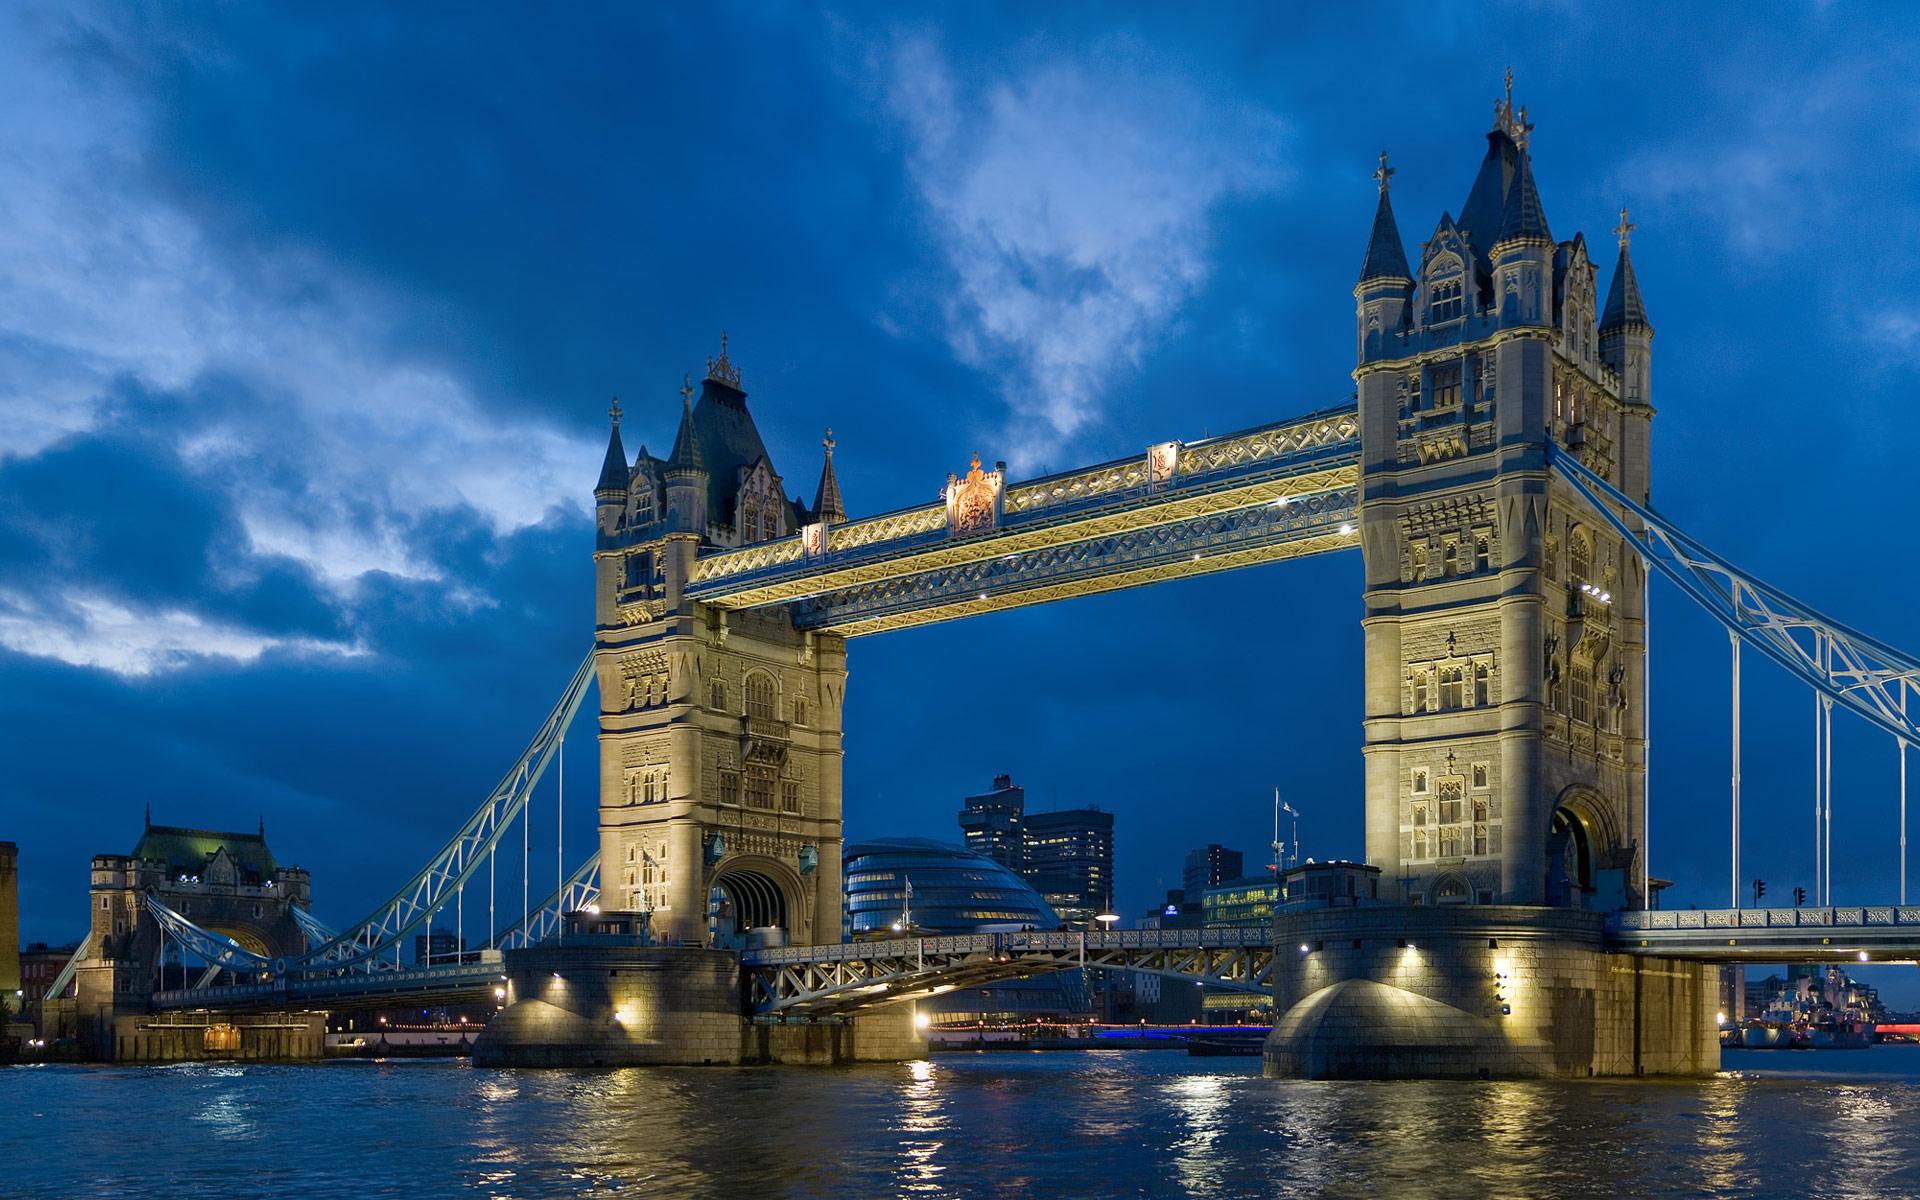 Tower of London Bridge Wallpaper  WallpaperSafari